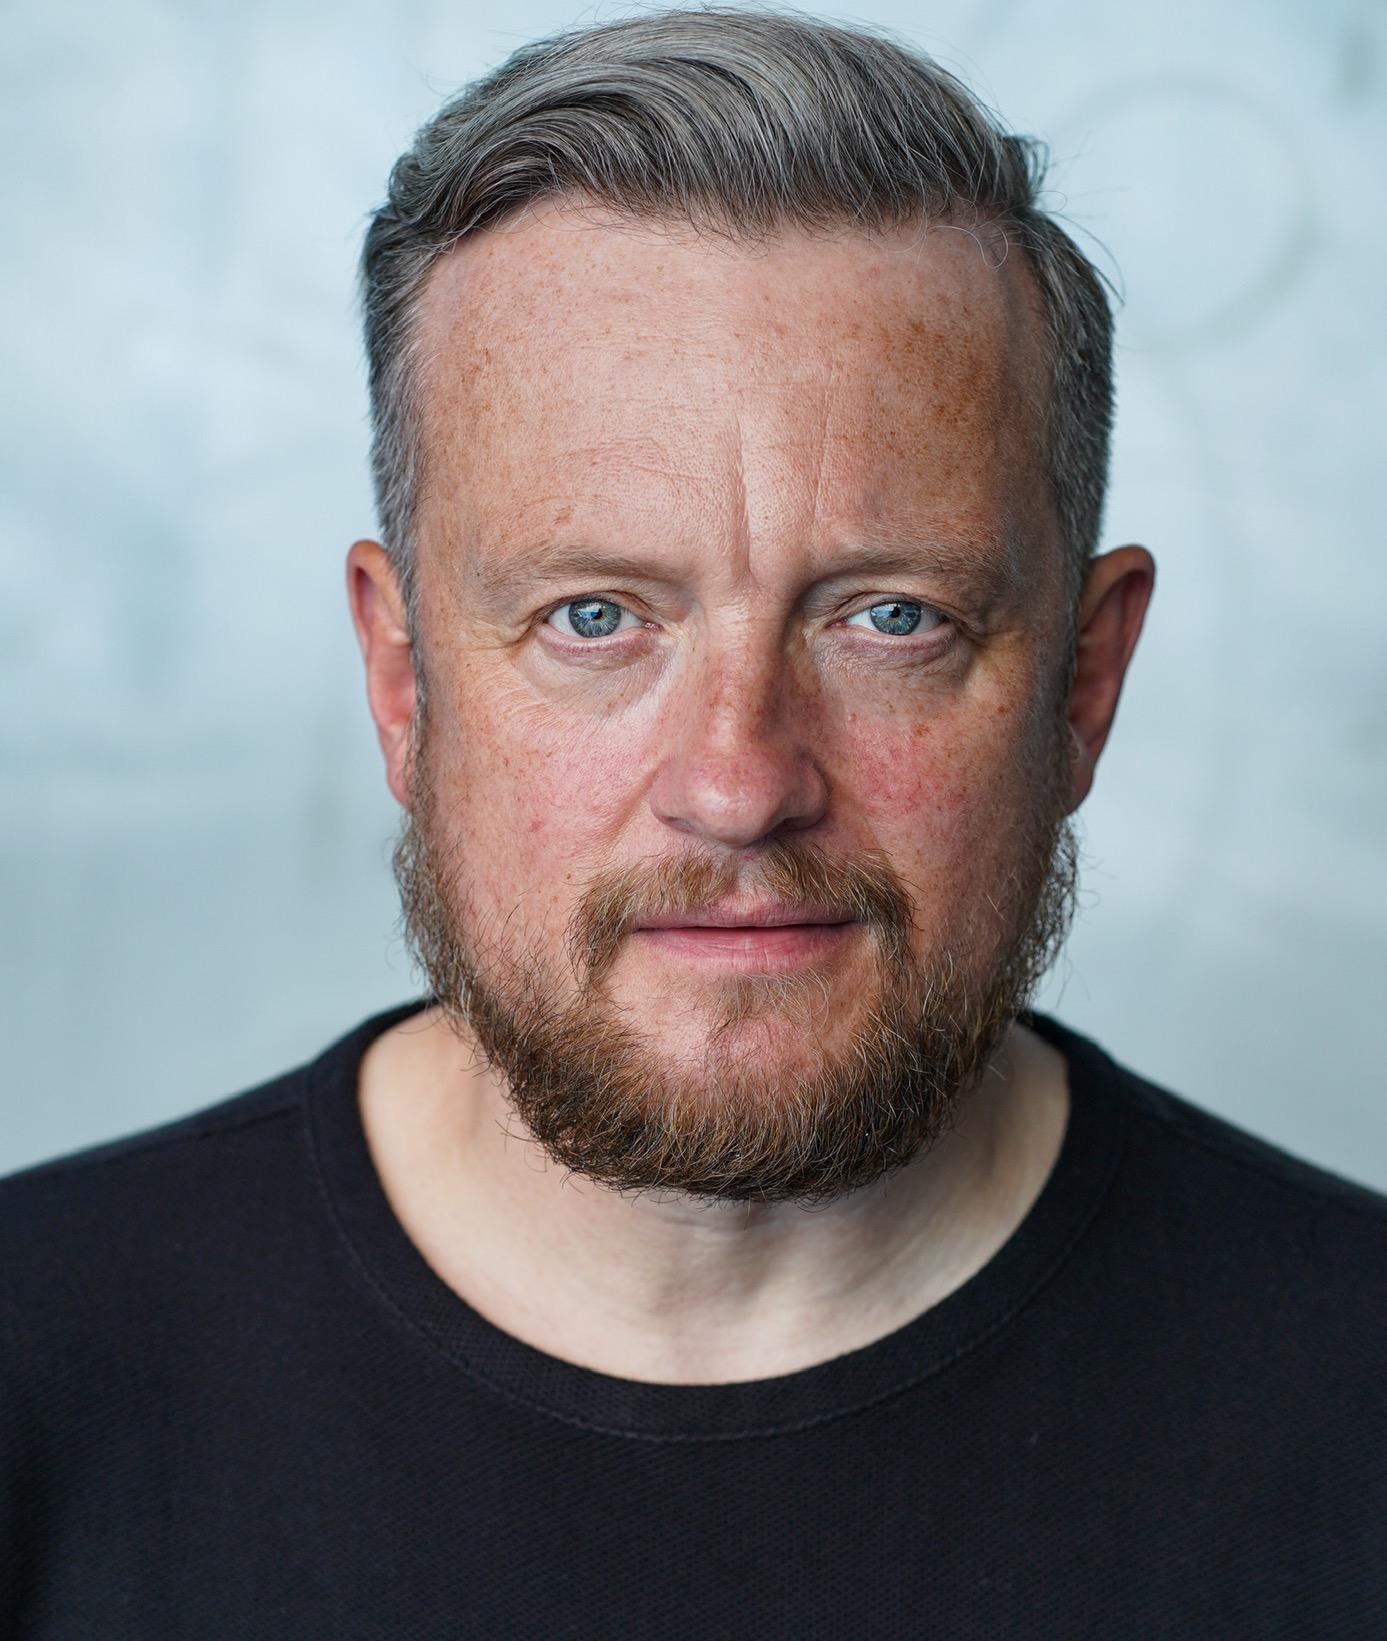 Chris Howell